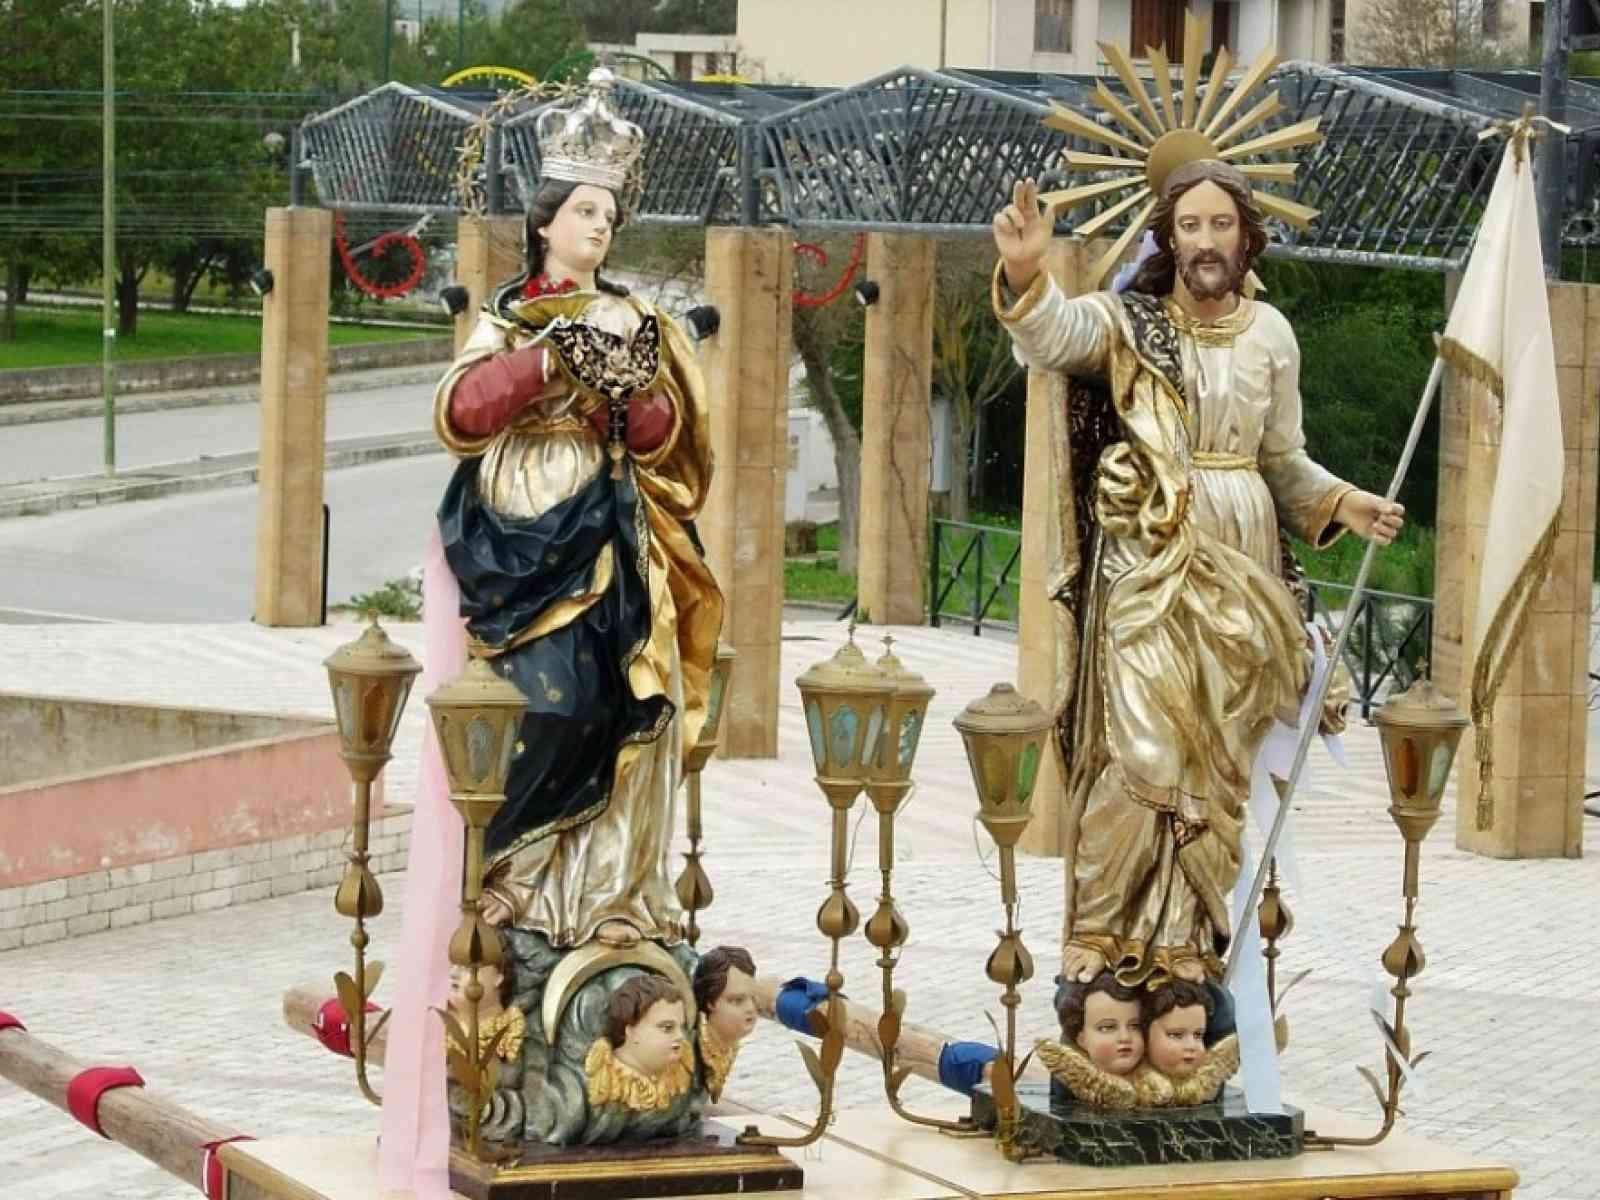 Settimana Santa a Salaparuta, una tradizione che risale alla seconda metà del 1600